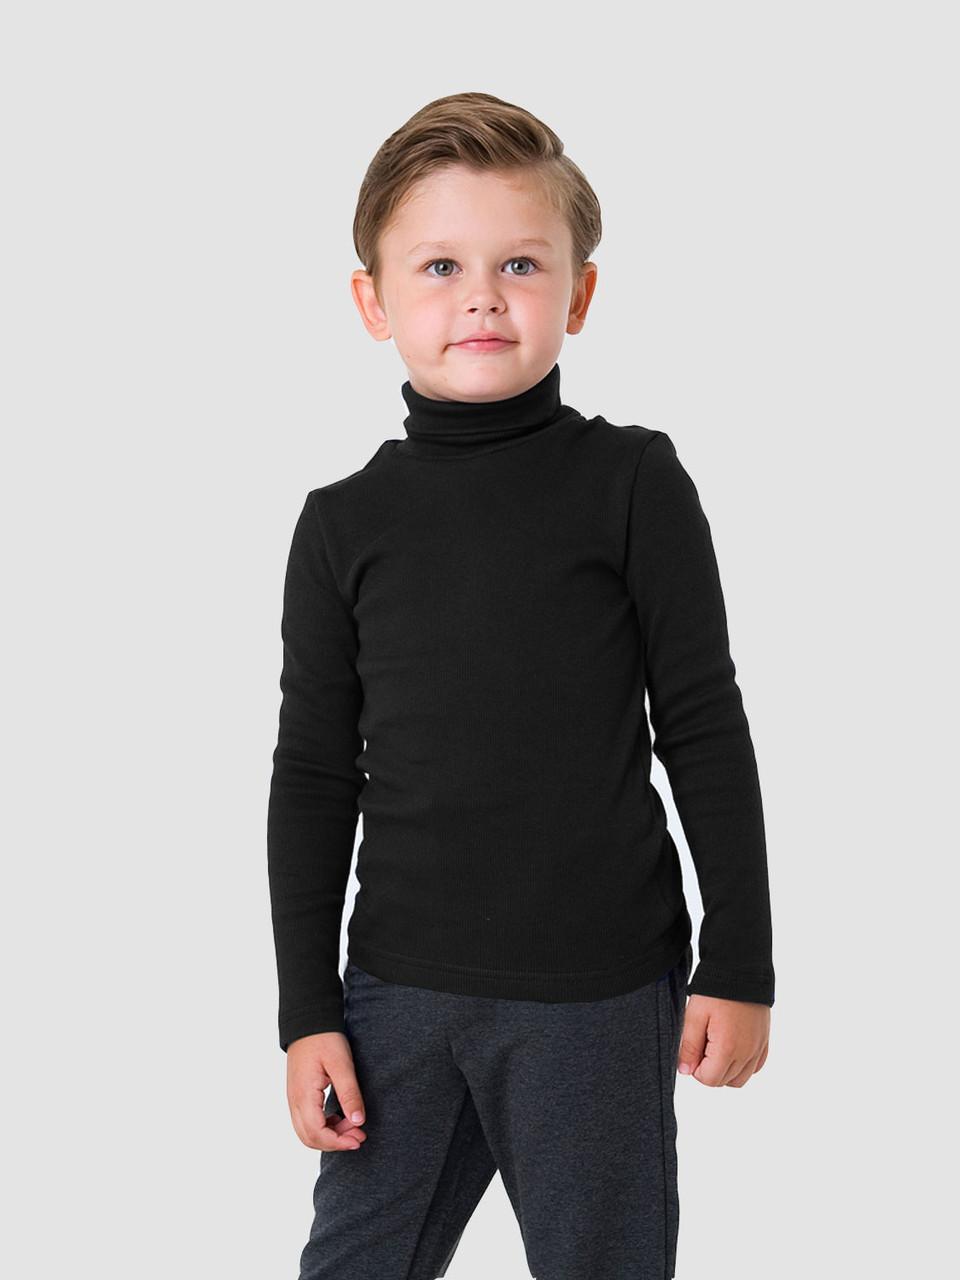 Гольф для мальчика, микрофлис, Украина, Smil, aрт. 114776